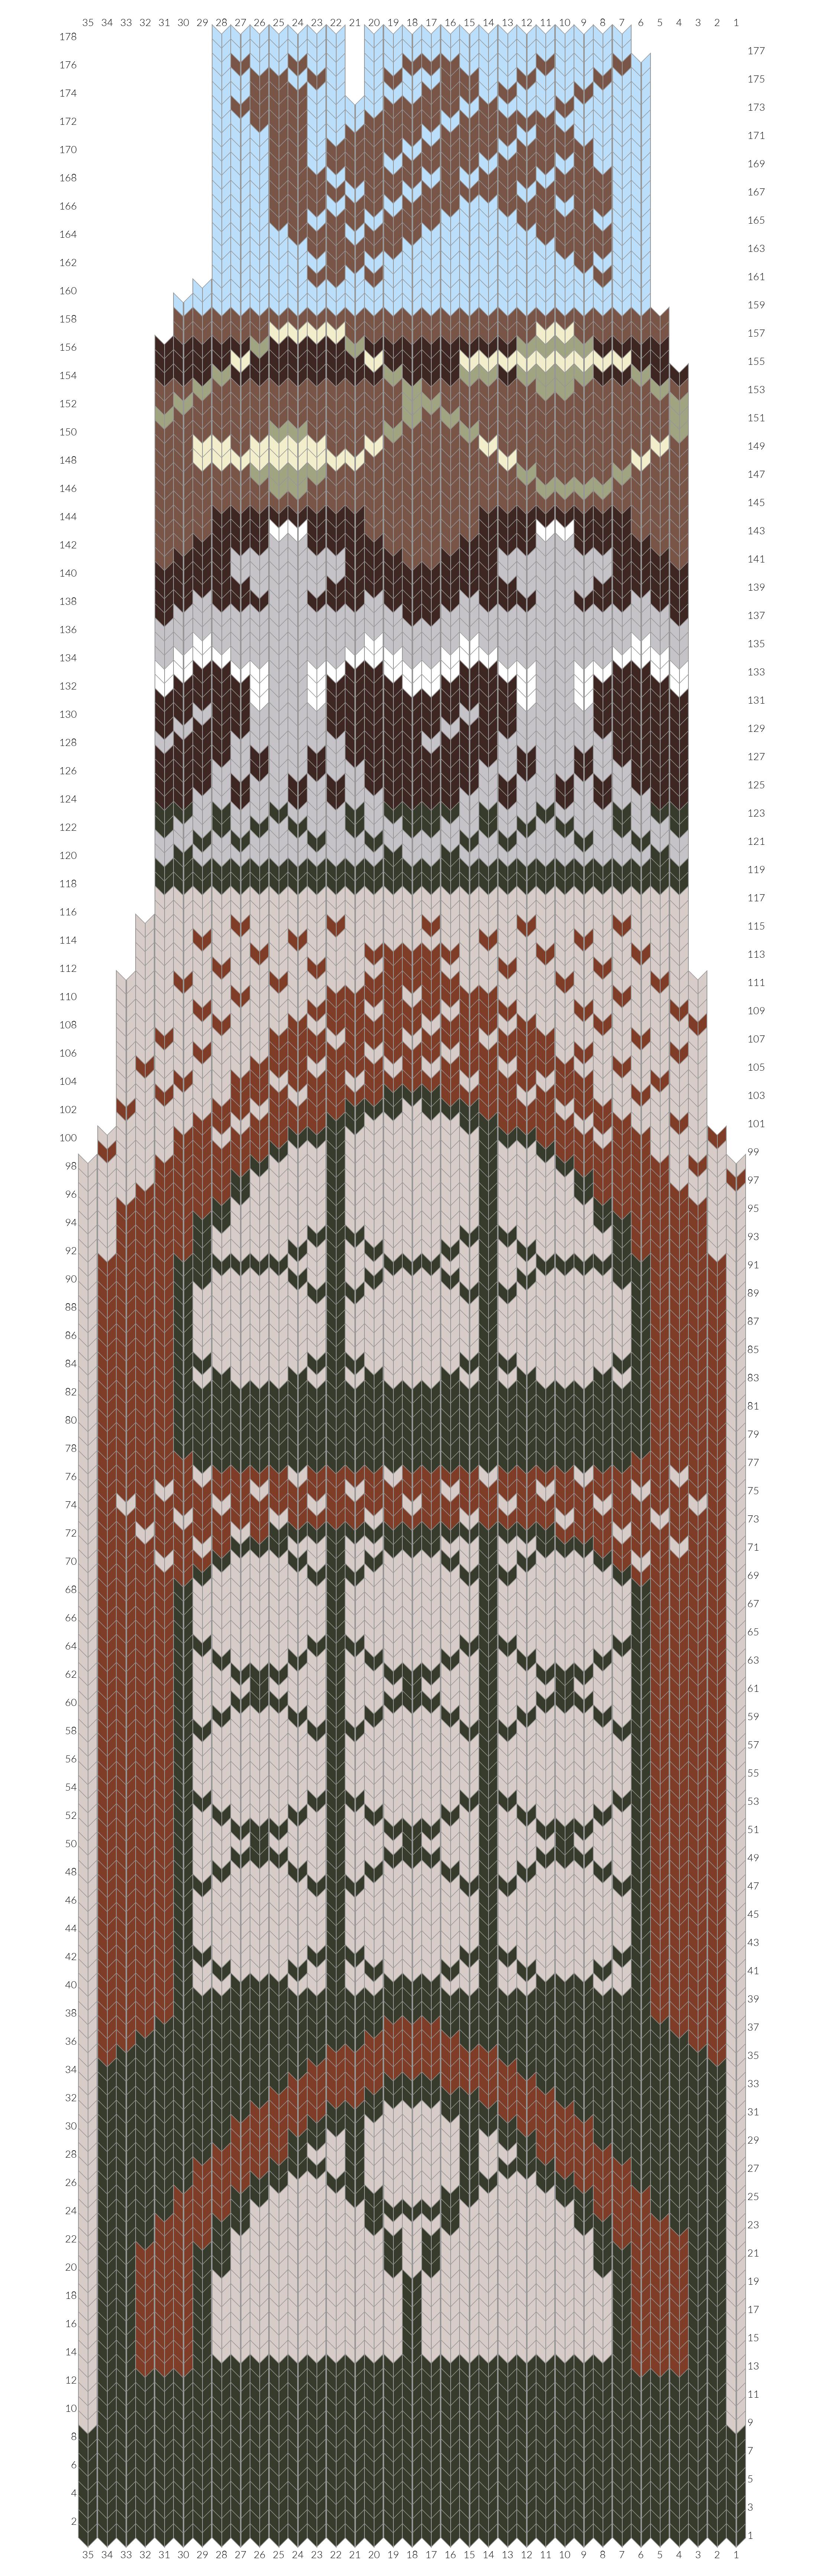 Pyhän Laurin kirkko ja helat